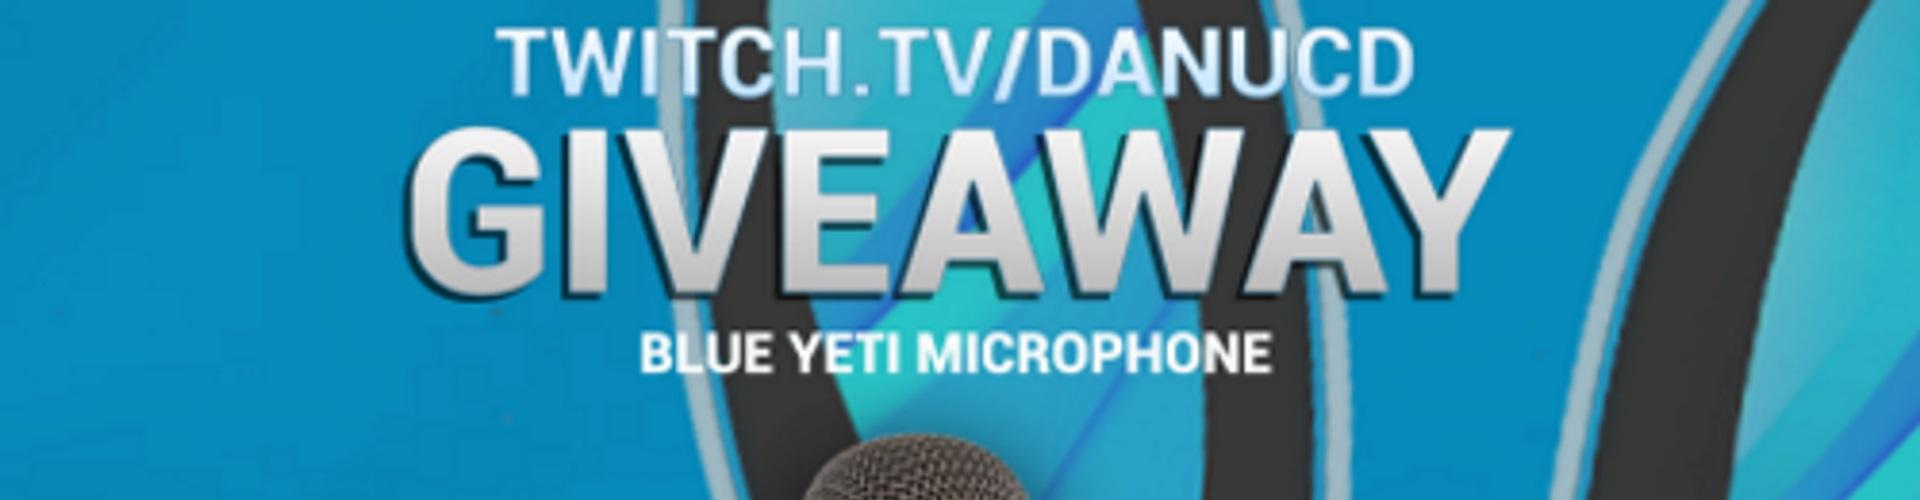 Danucd Blue Yeti Nano Mic Giveaway!!!